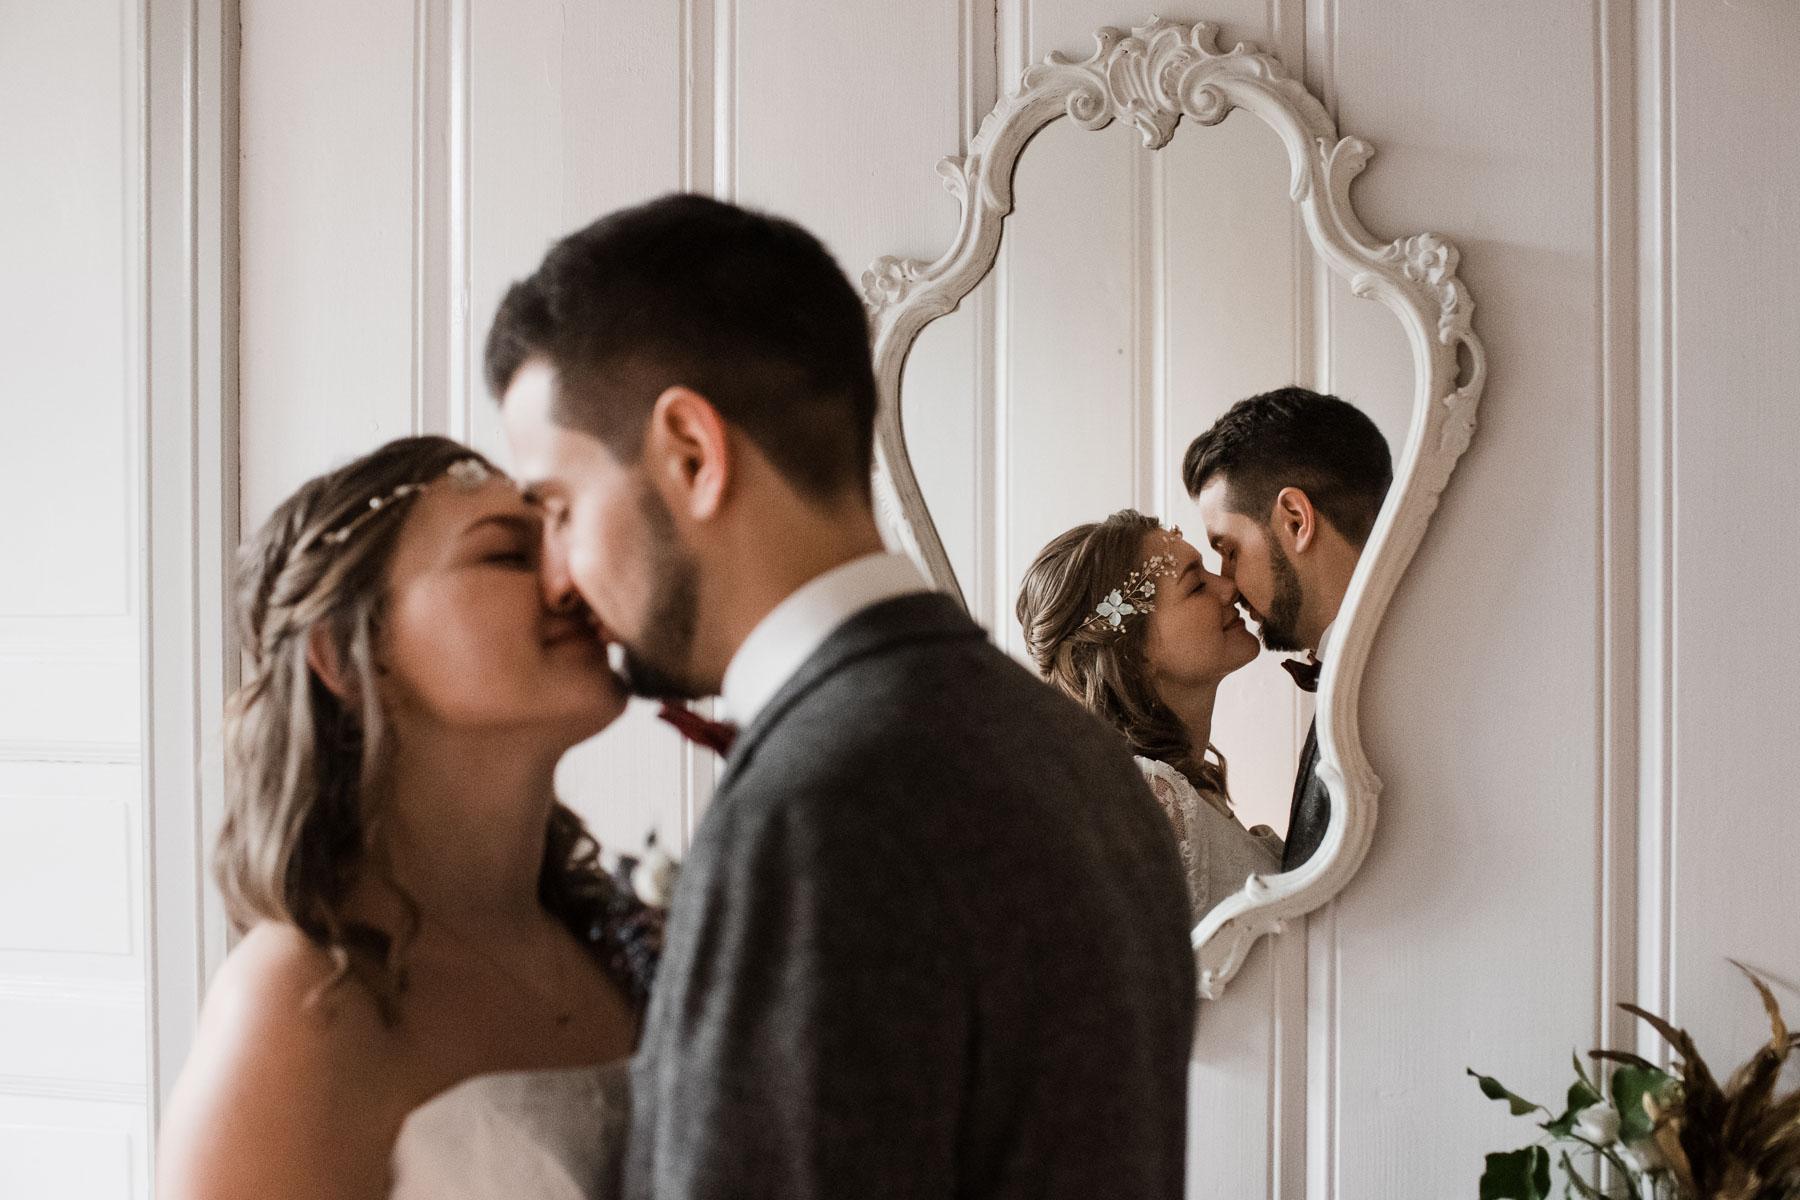 das Brautpaar küsst sich vor einer Wand, die weiß vertäfelt ist, in einem kleinen weißen Spiegel ist ihr Spiegelbild zu sehen